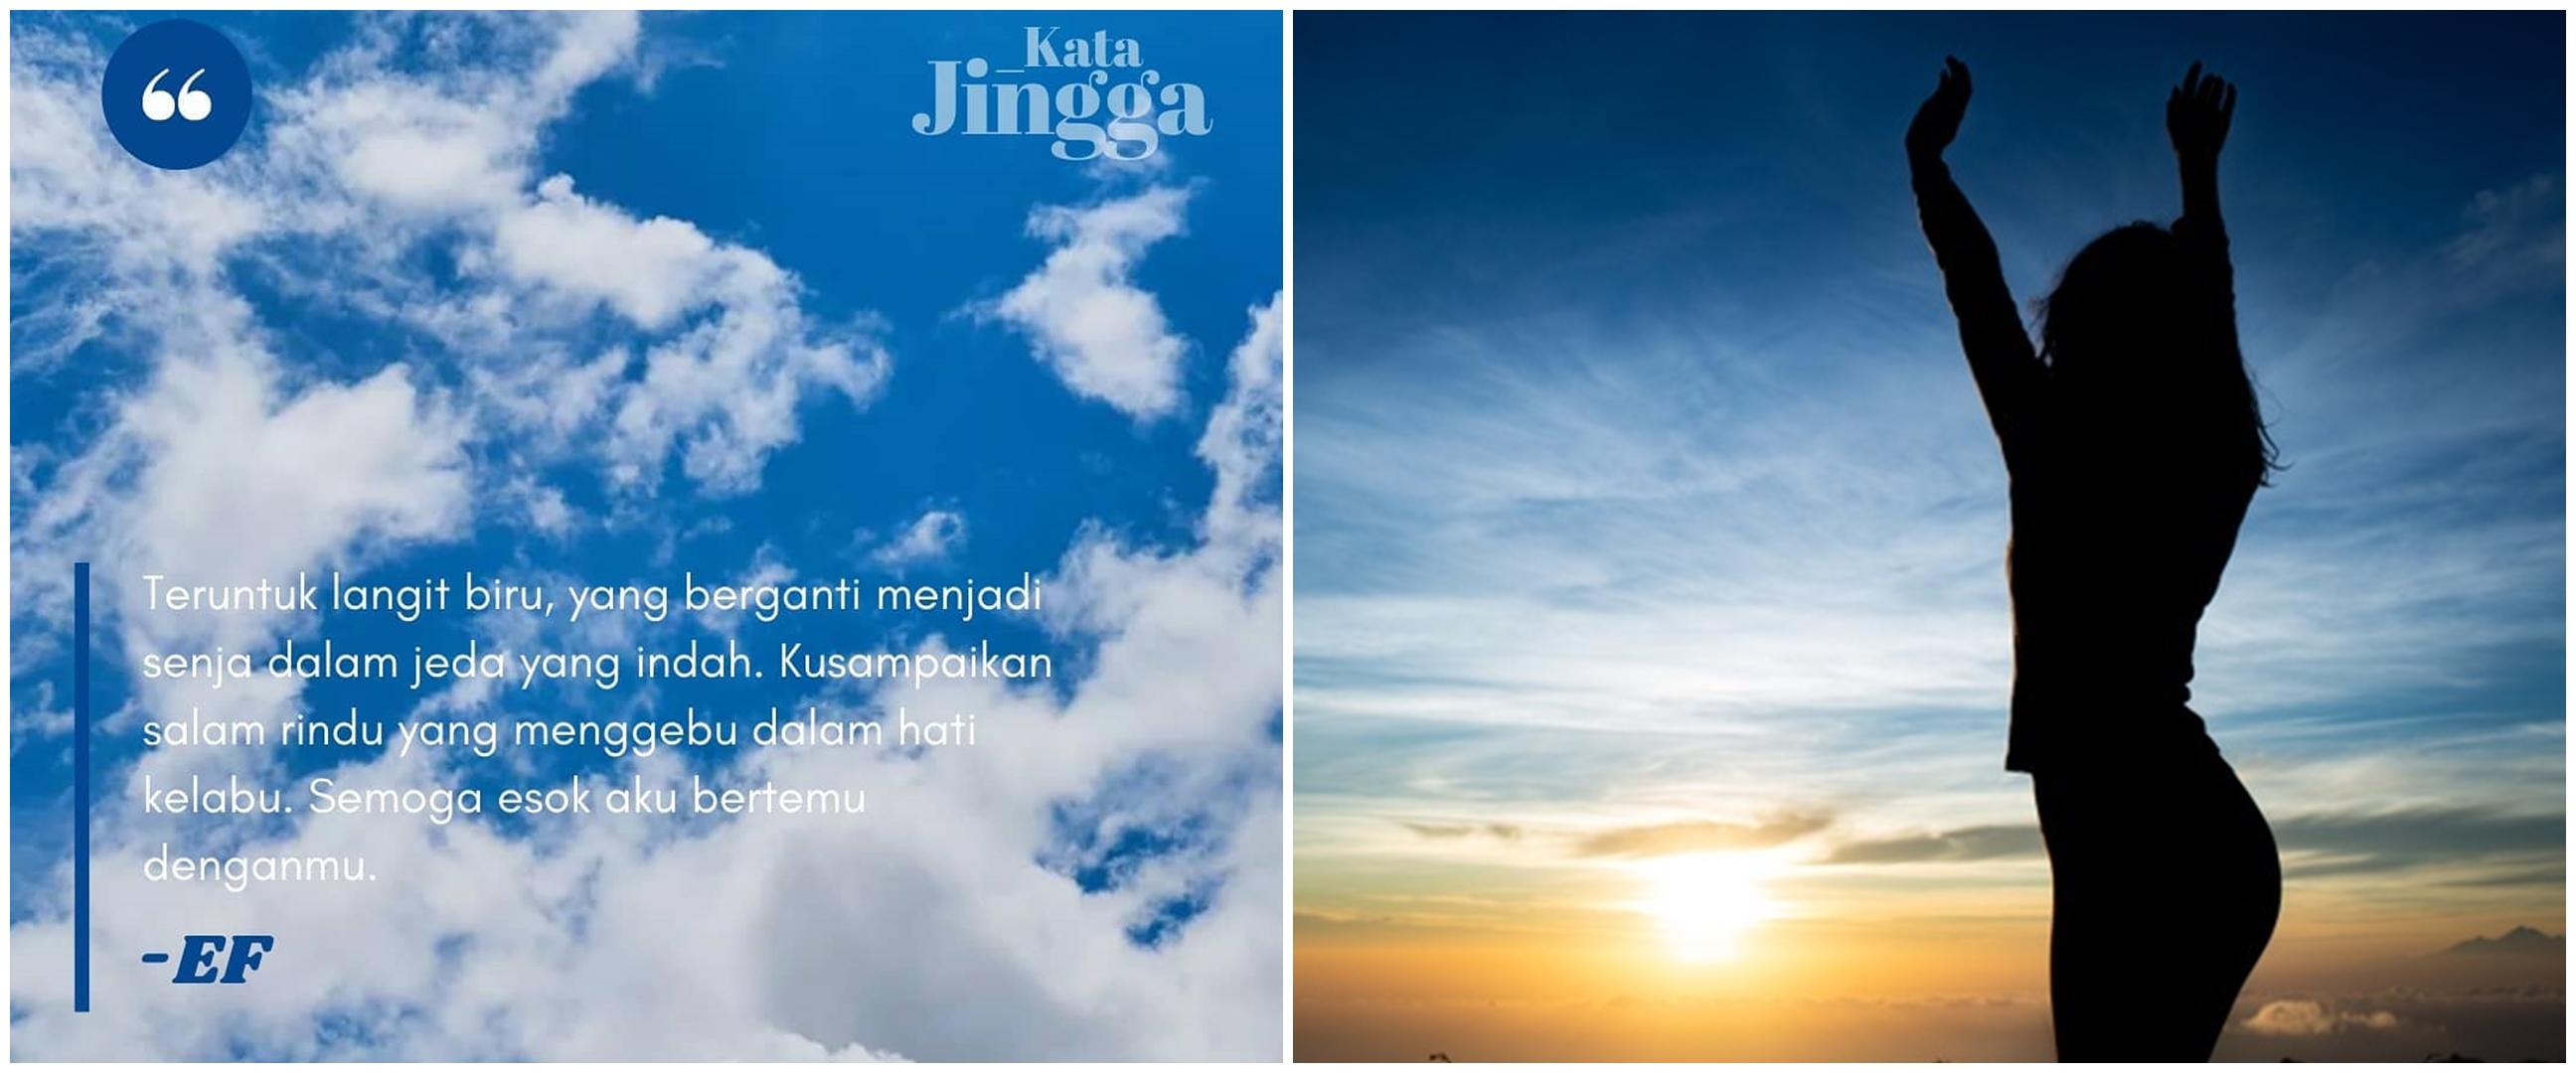 75 Kata-kata bijak tentang langit, penuh makna dan so sweet